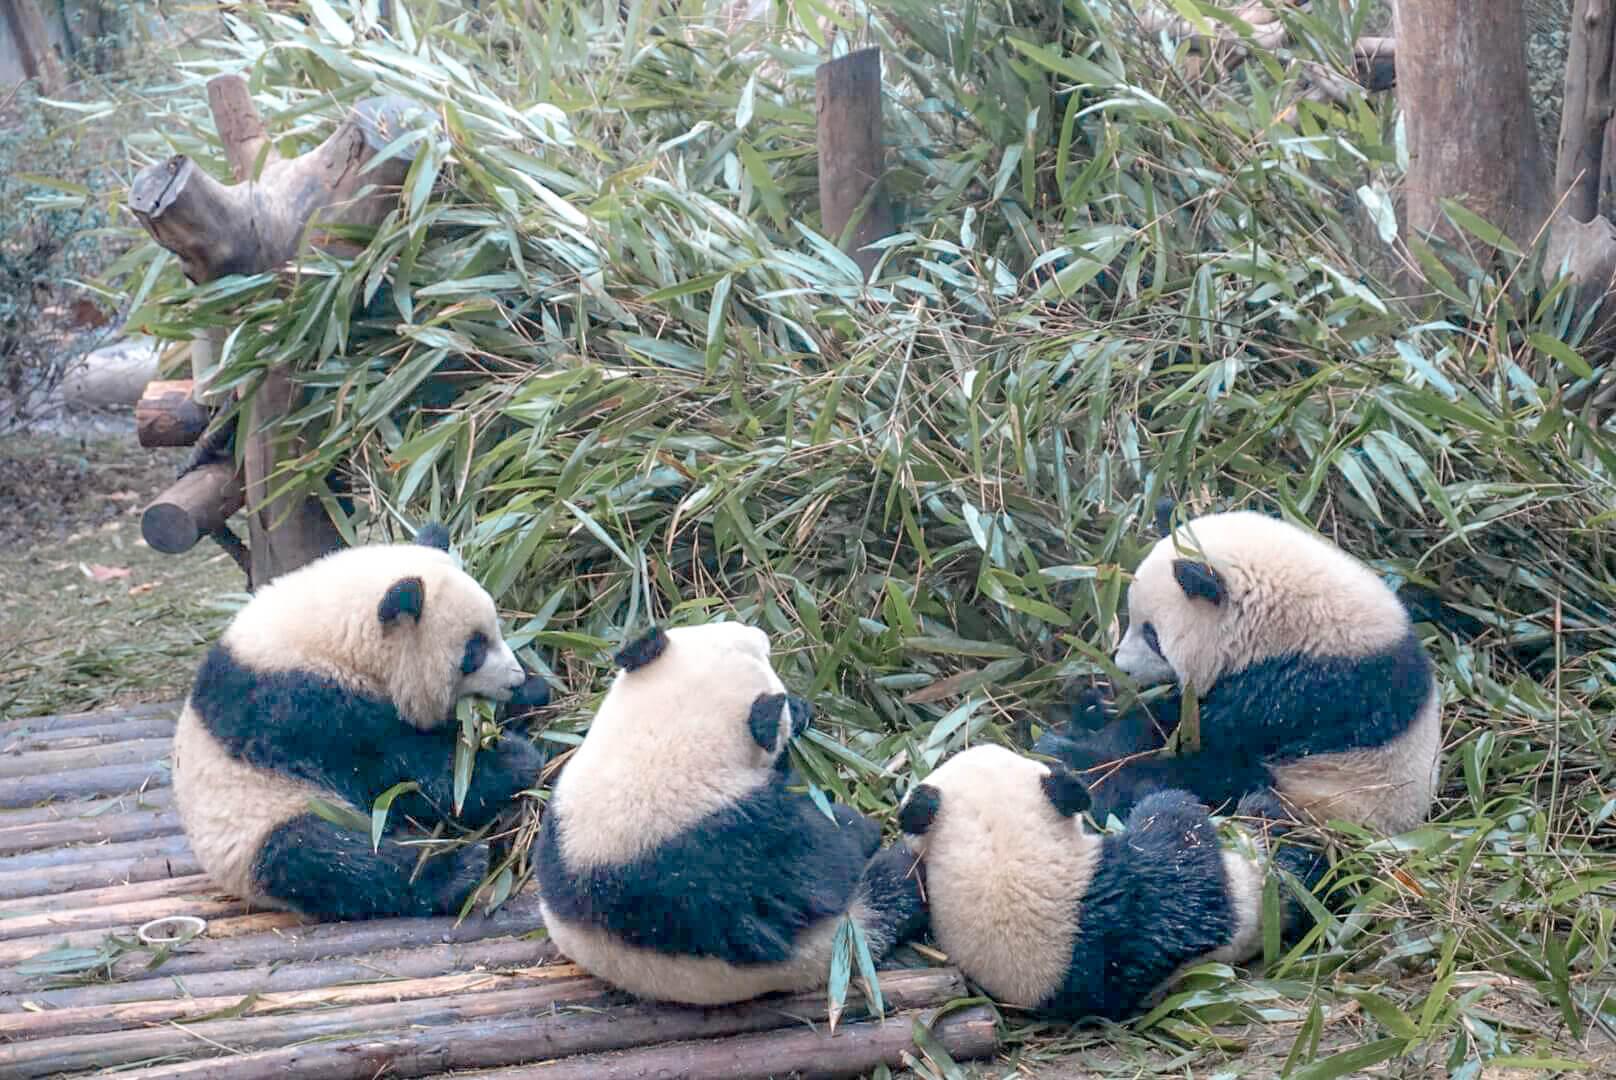 quand voir les pandas réveillés zoo chengdu